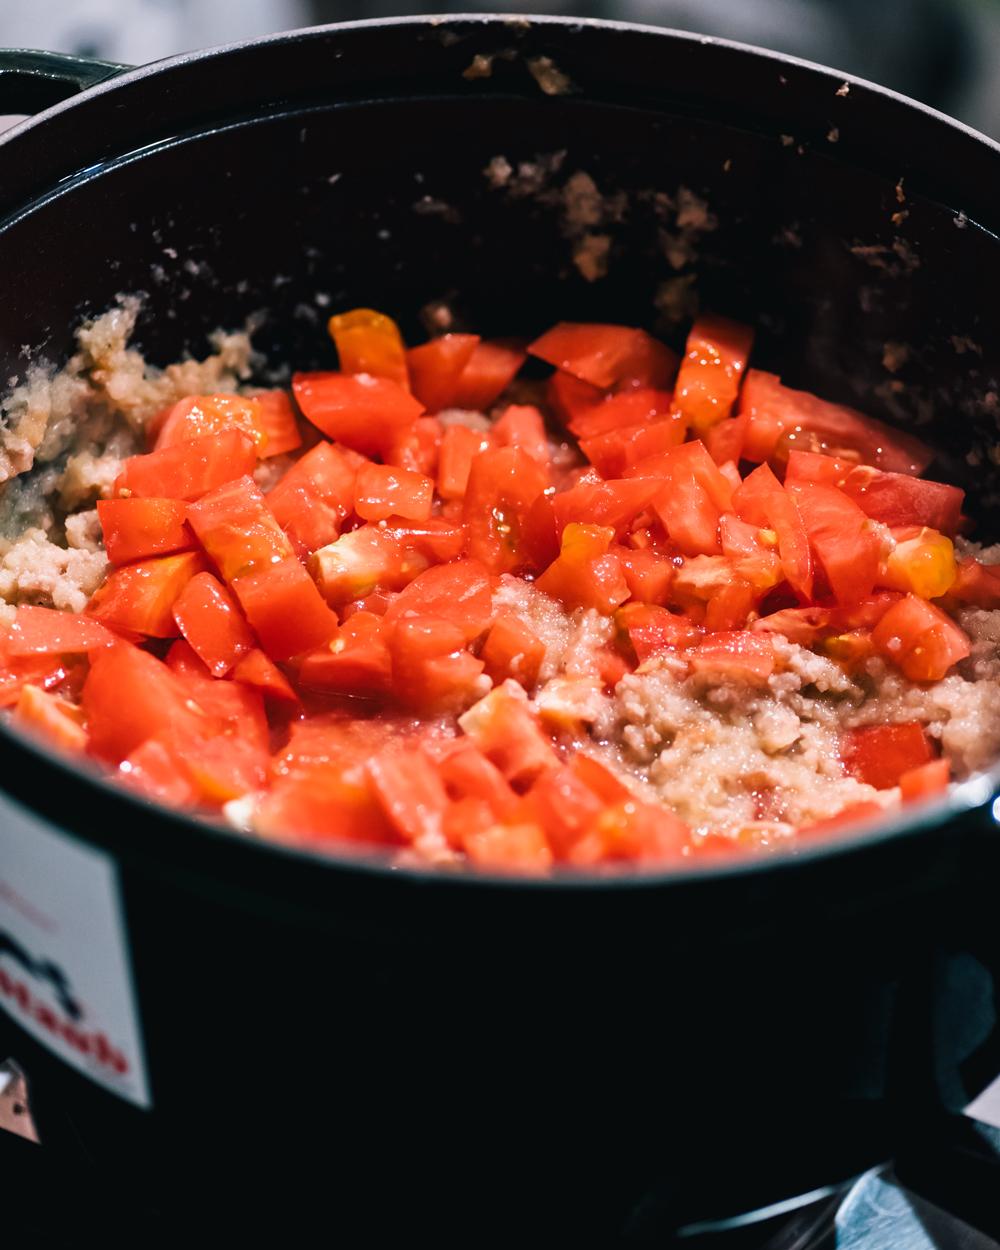 トマト入れて煮込む